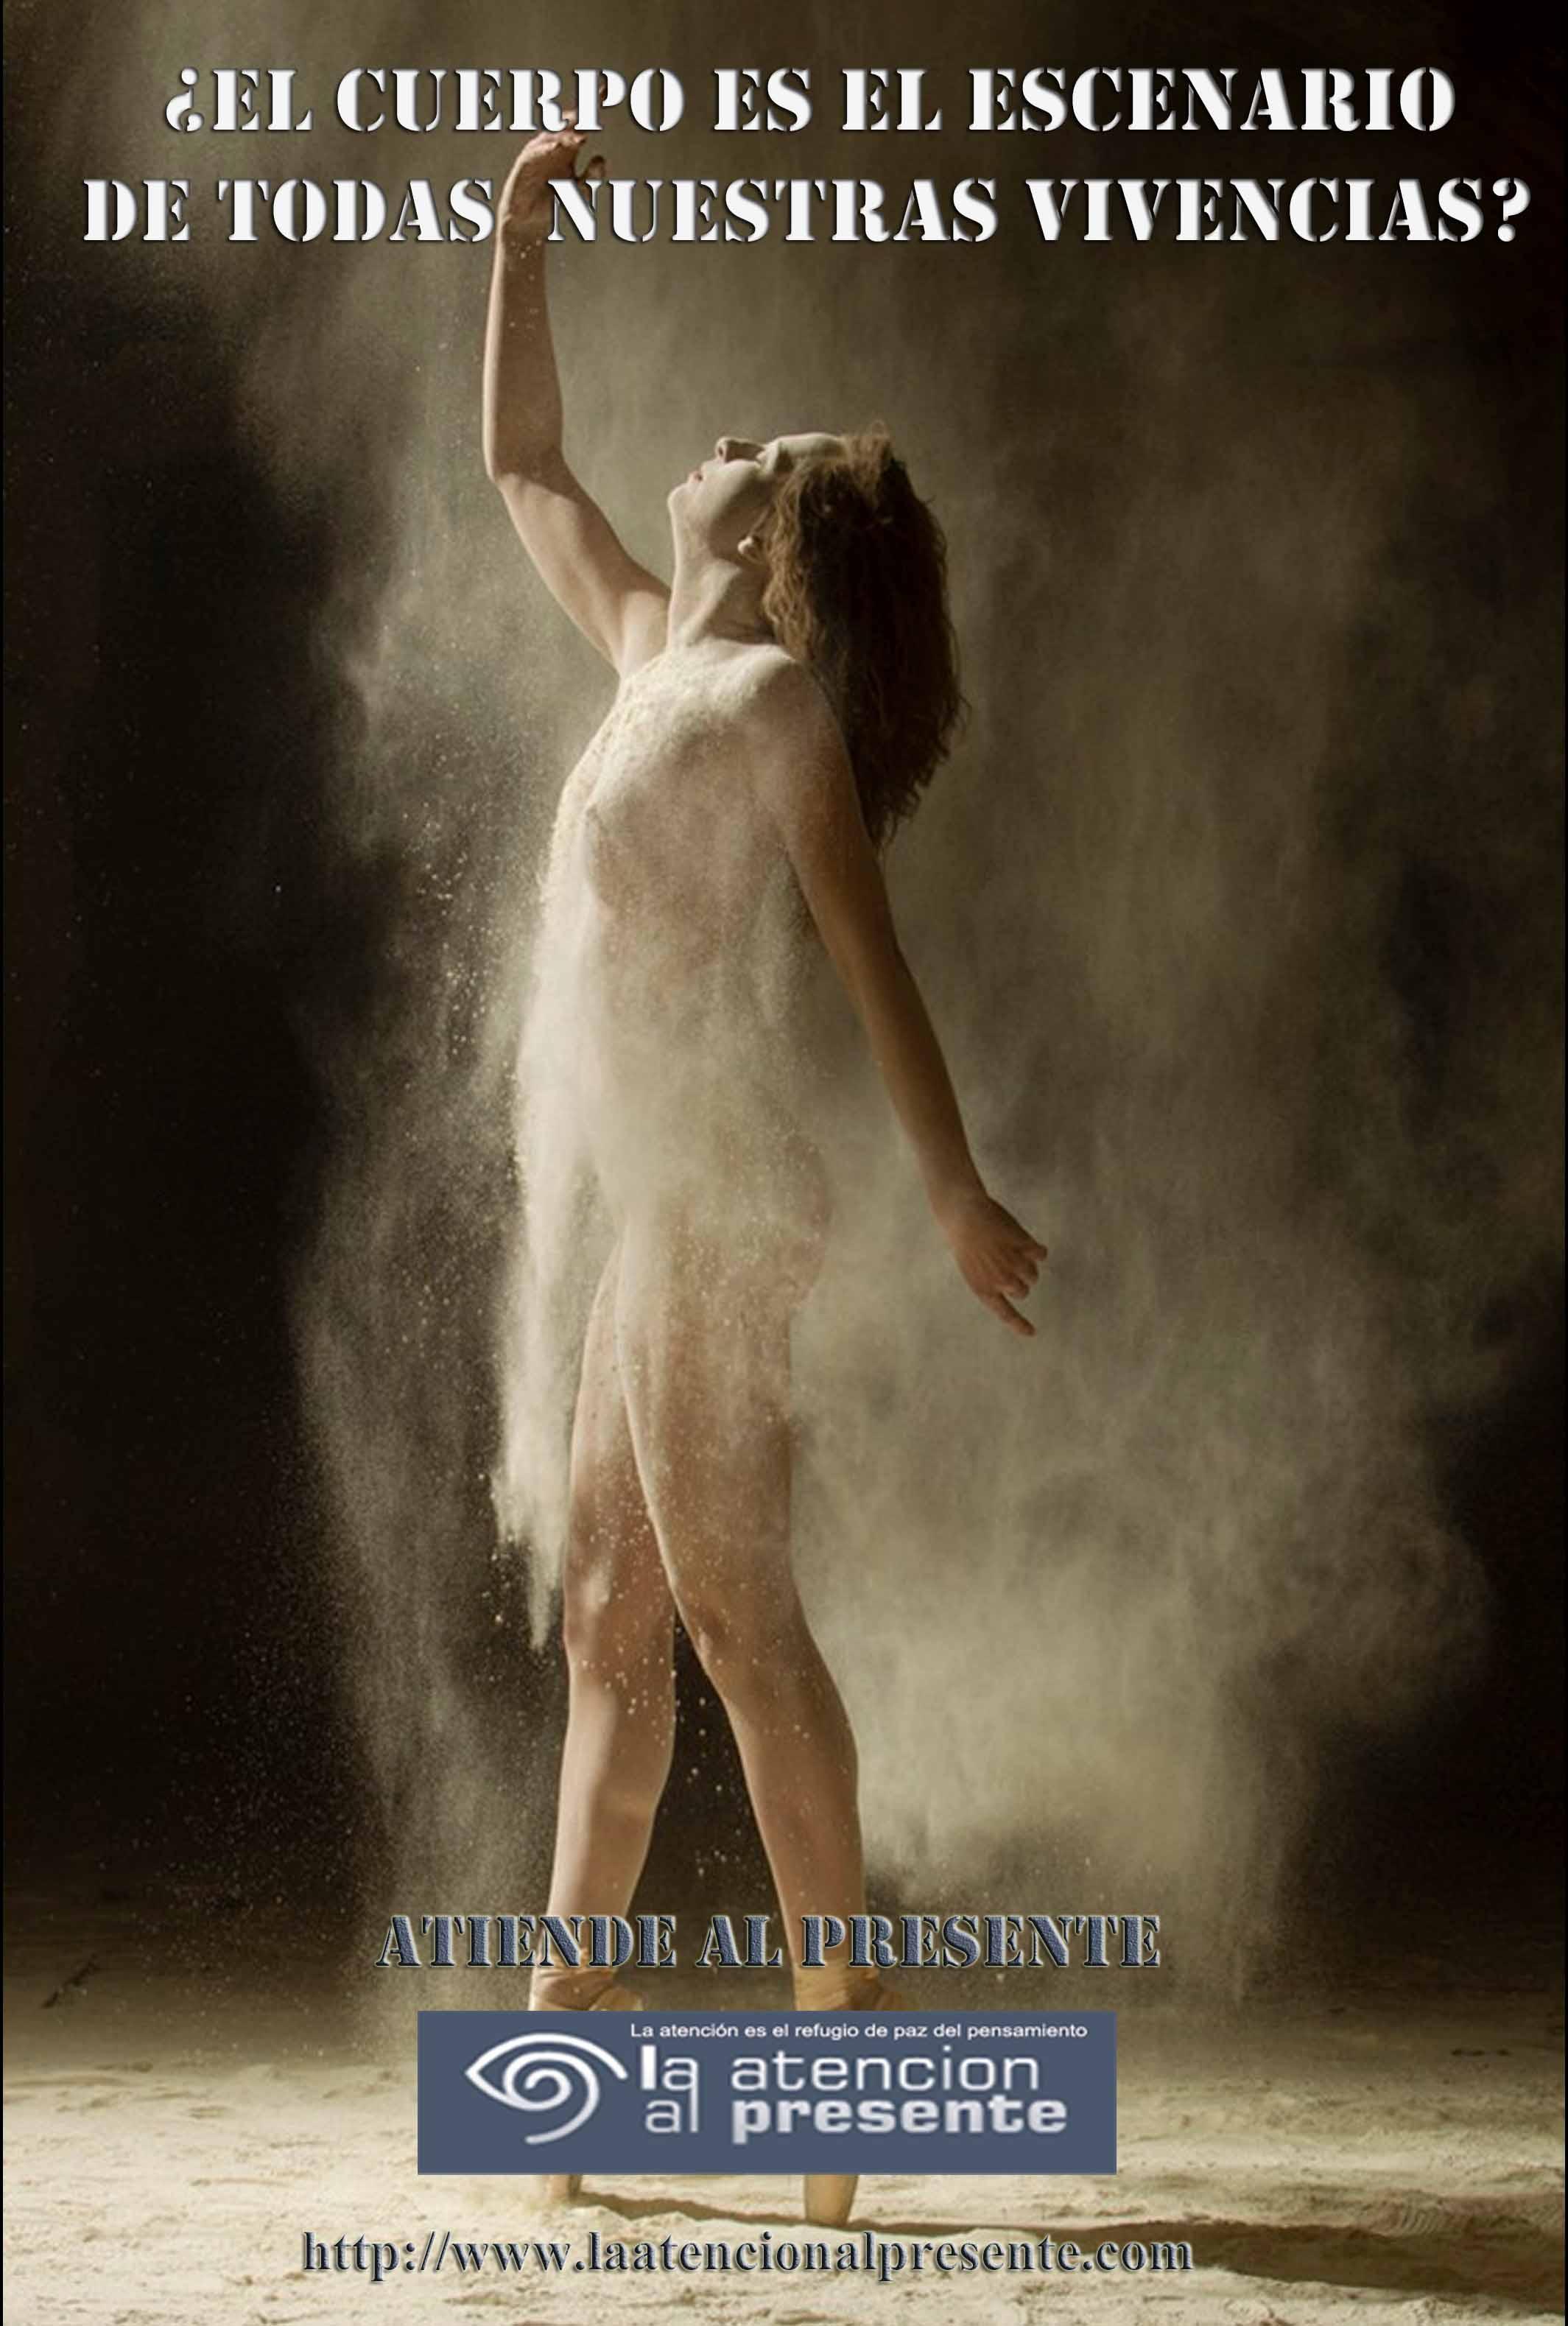 15 de noviembre PEPE El cuerpo es el escenario de todas nuestras vivencias 4 min